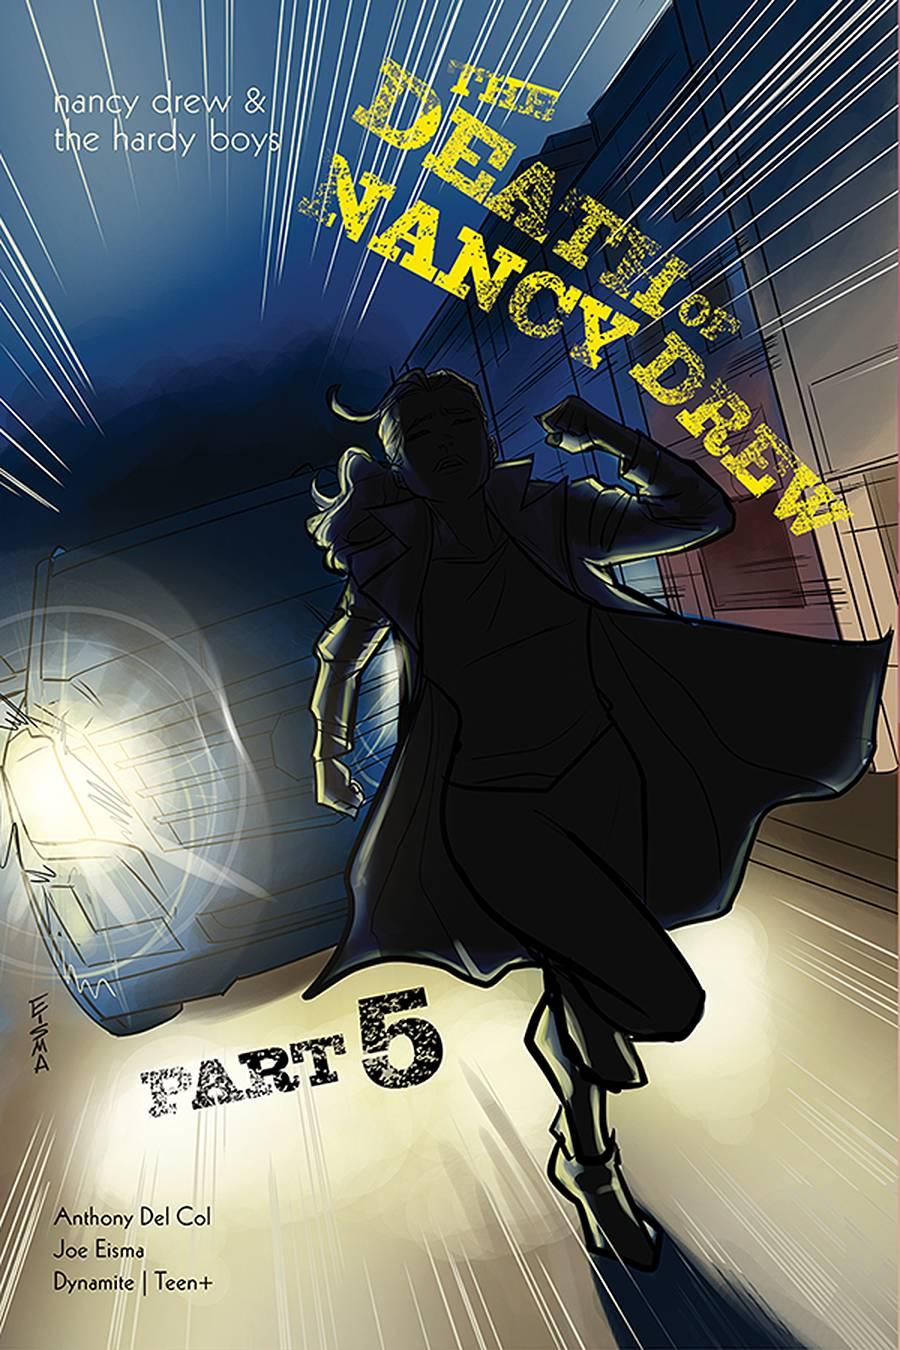 Nancy Drew & The Hardy Boys: The Death Of Nancy Drew #5 (2020)